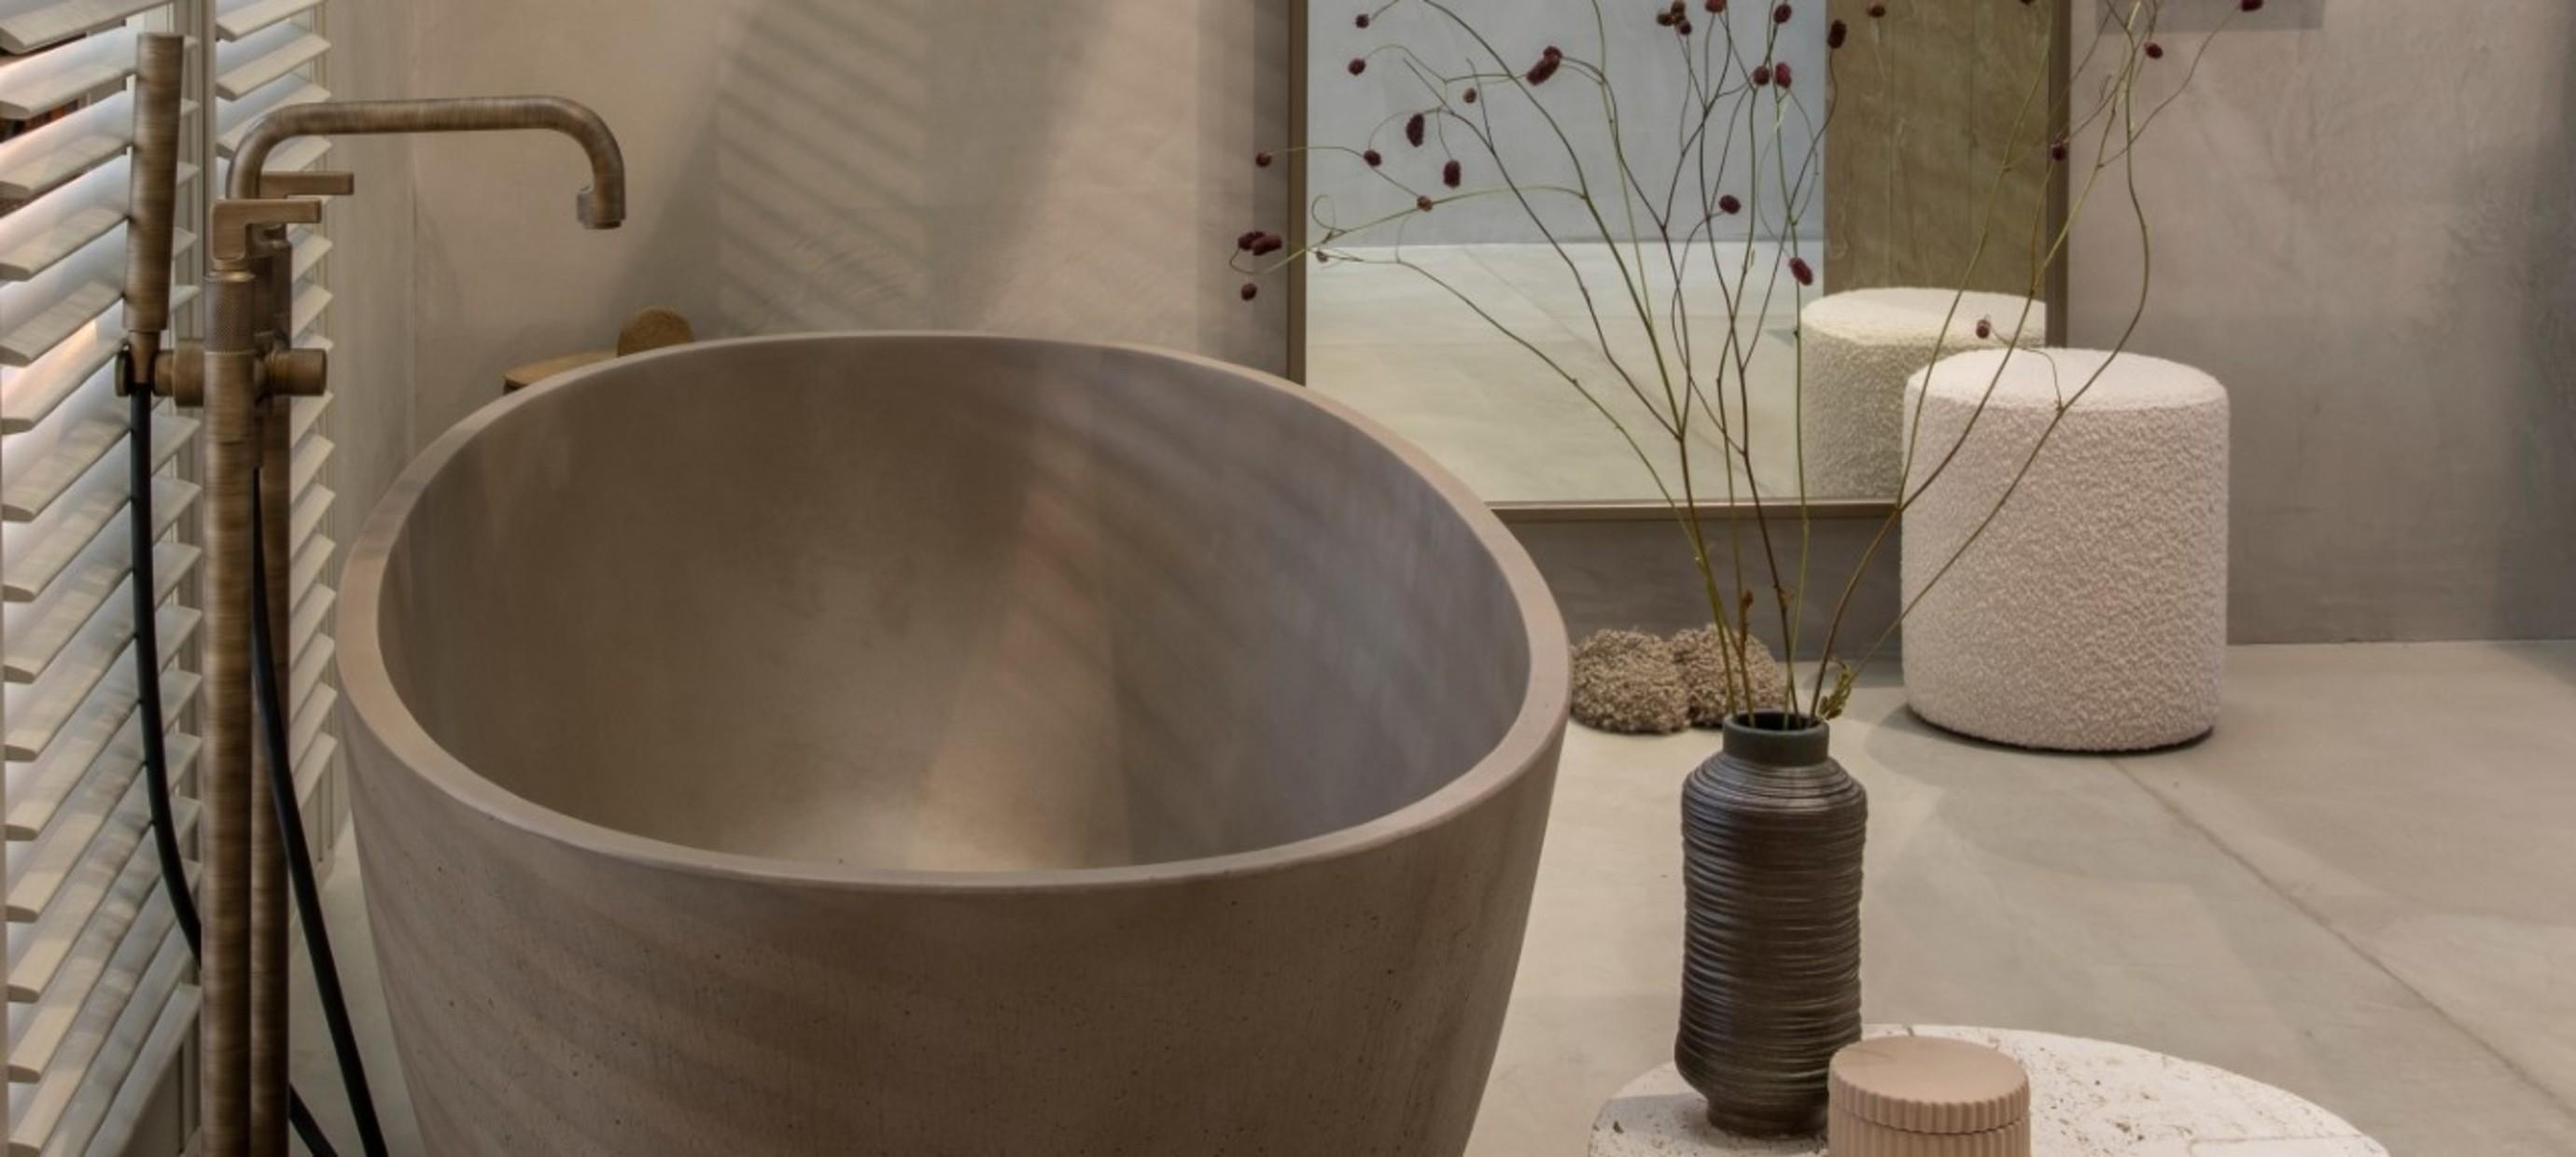 VTWonen en design beurs 2019 - StijlvolWonen huis